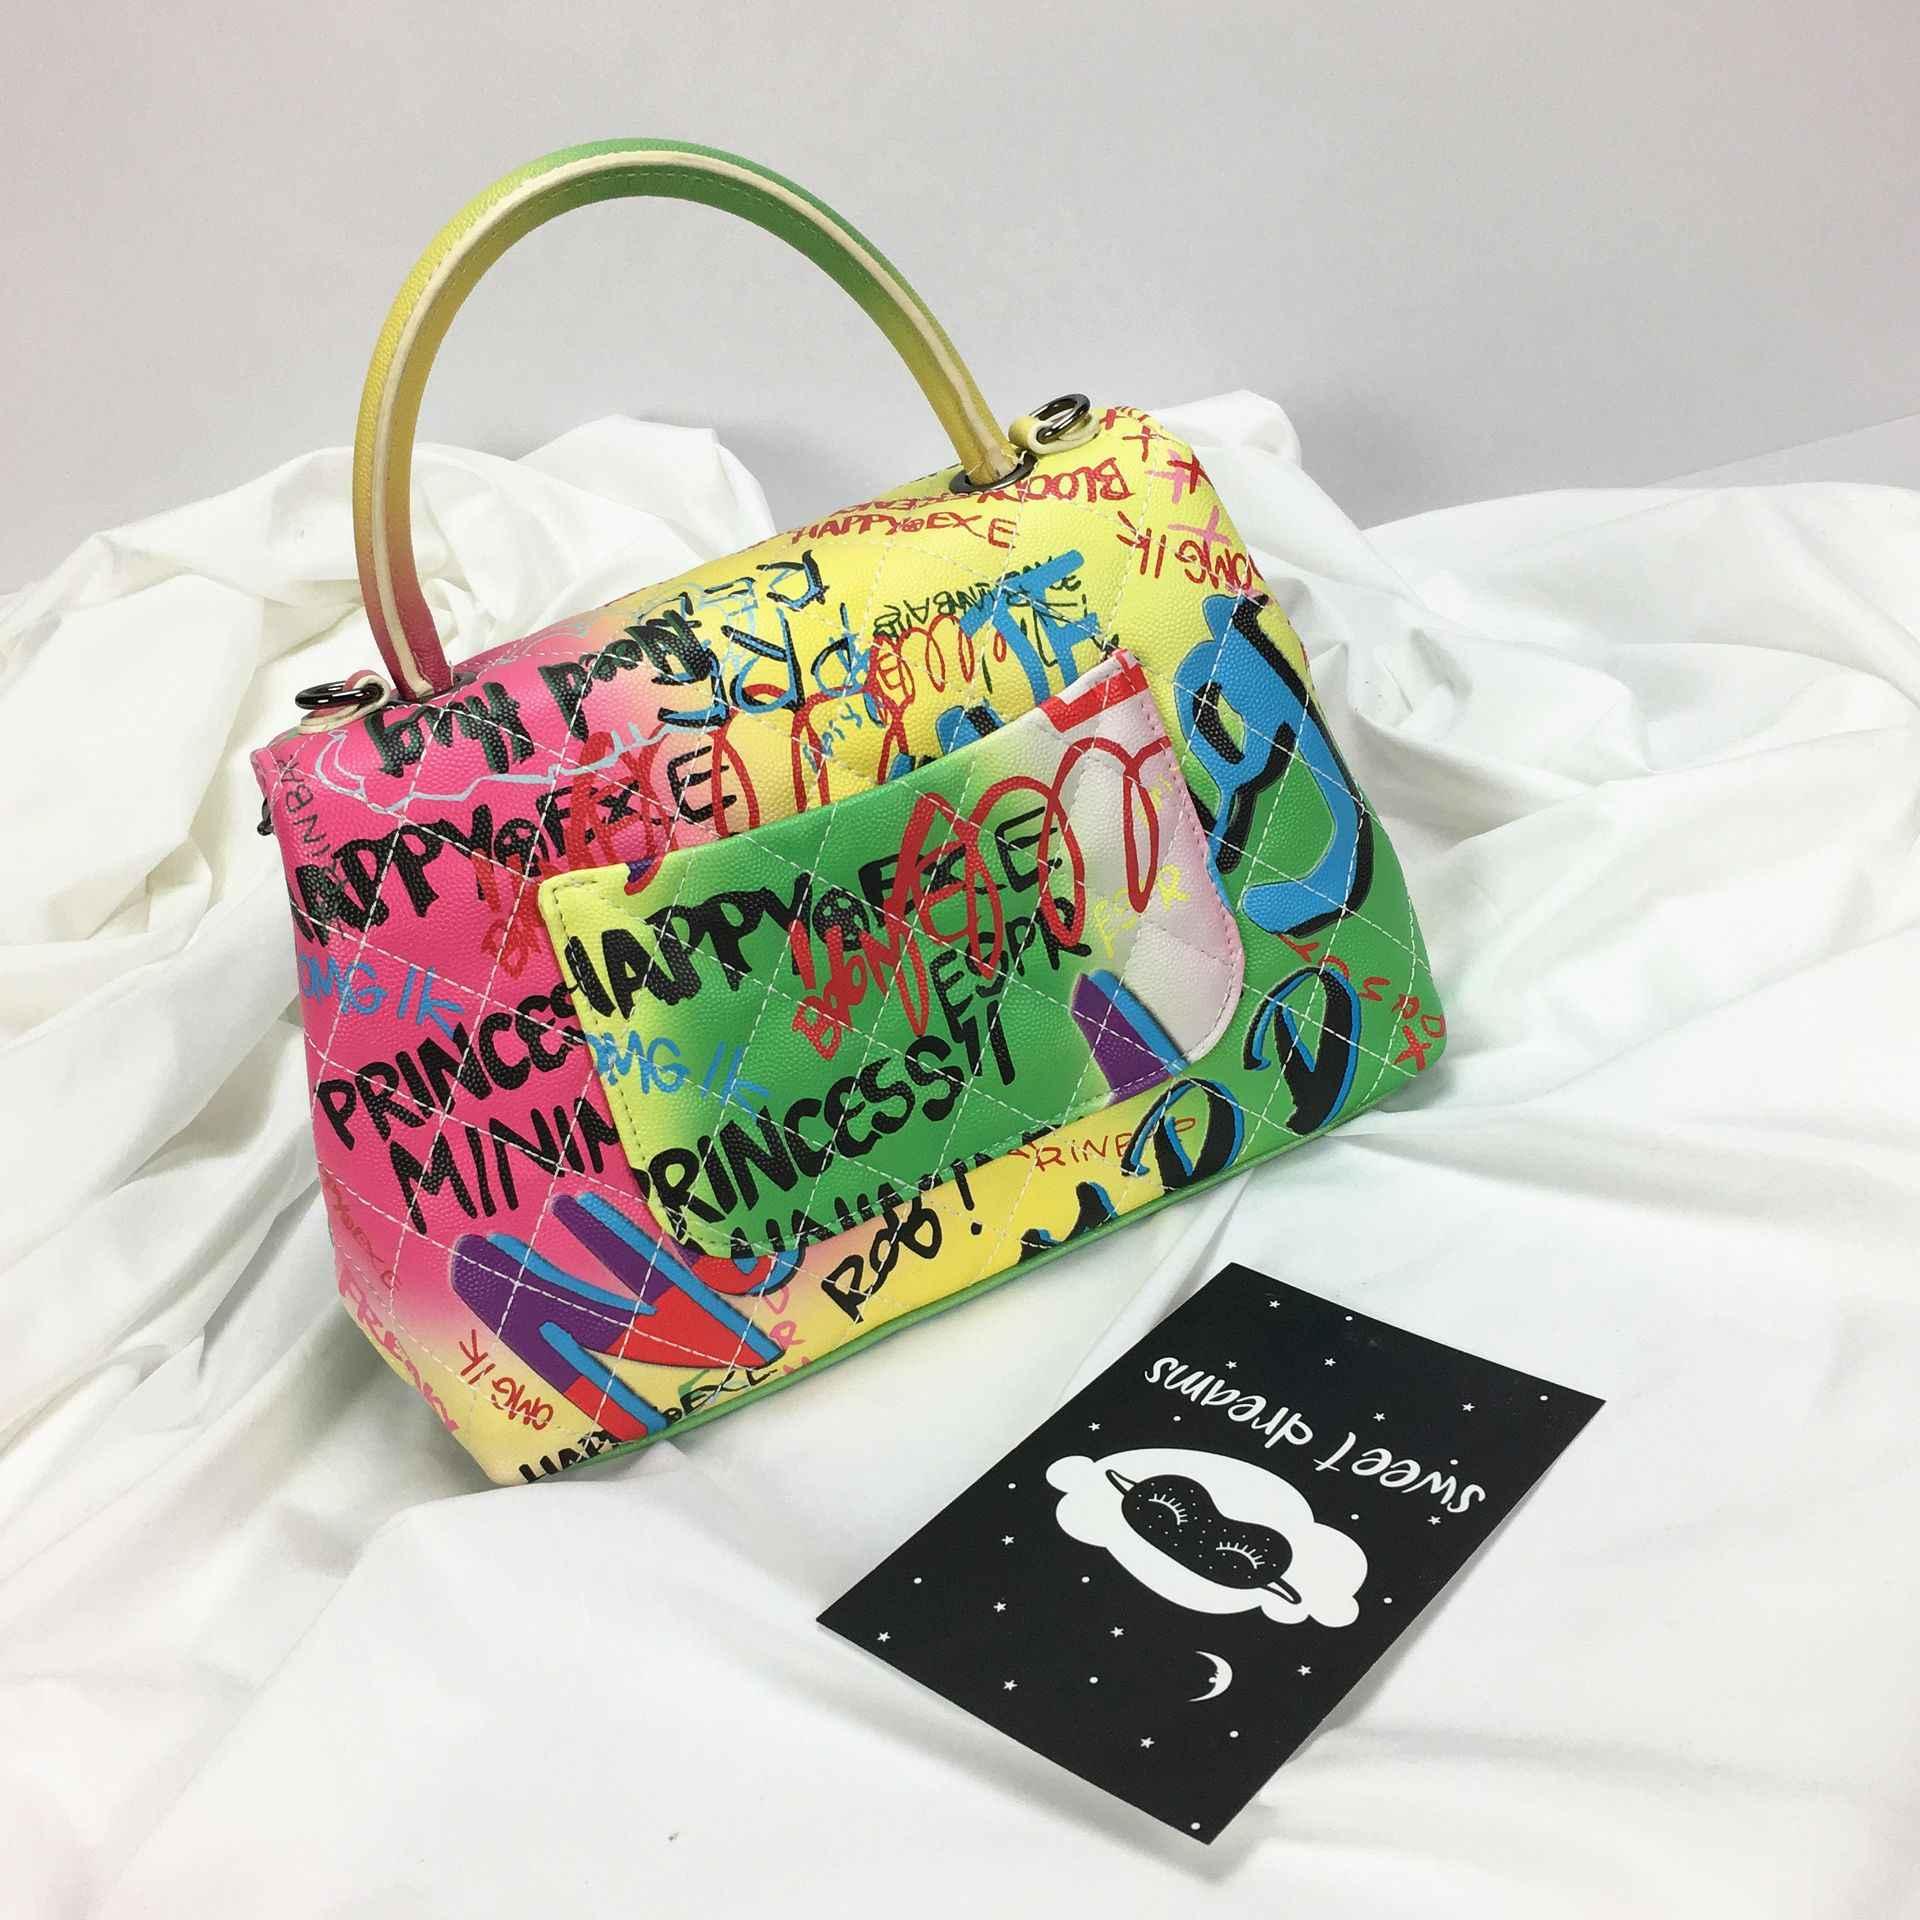 Mewah Tas Wanita Tas Graffiti Tas Selempang untuk Wanita 2020 Merek Terkenal Desainer Wanita Tas Tangan Tote Kantung Utama femme